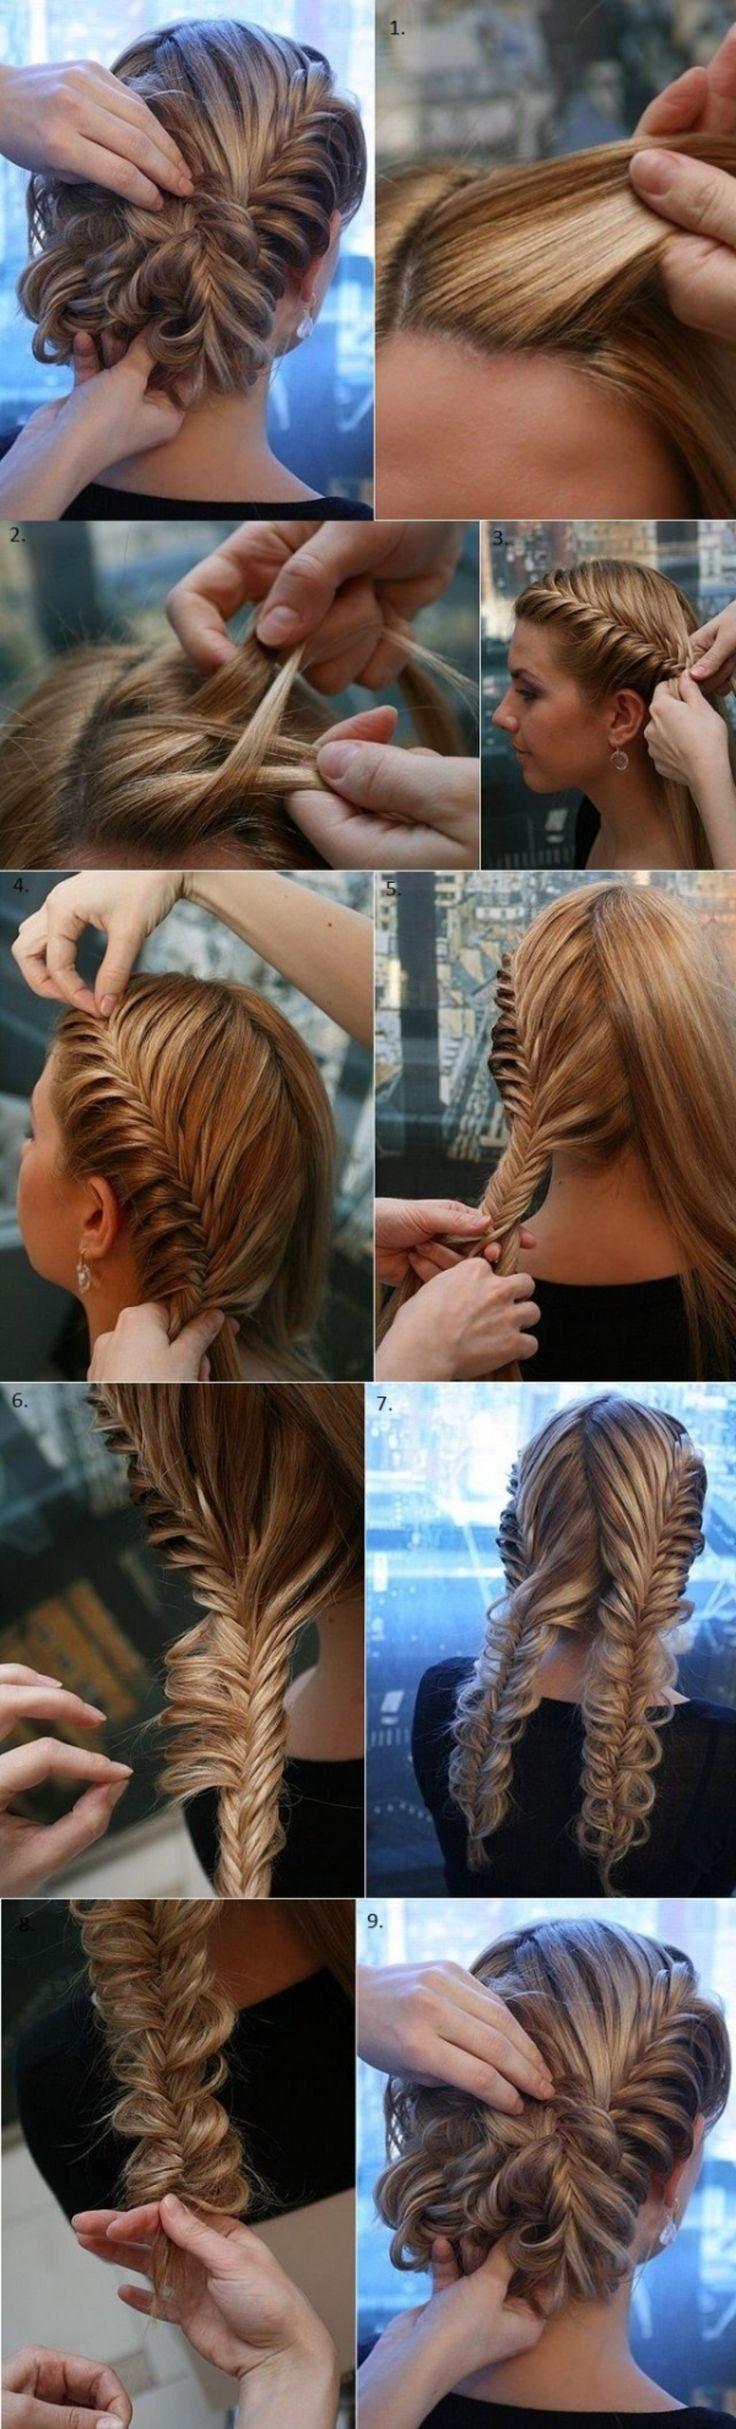 Best 25+ Fancy braids ideas on Pinterest | Hairstyle tutorials ...